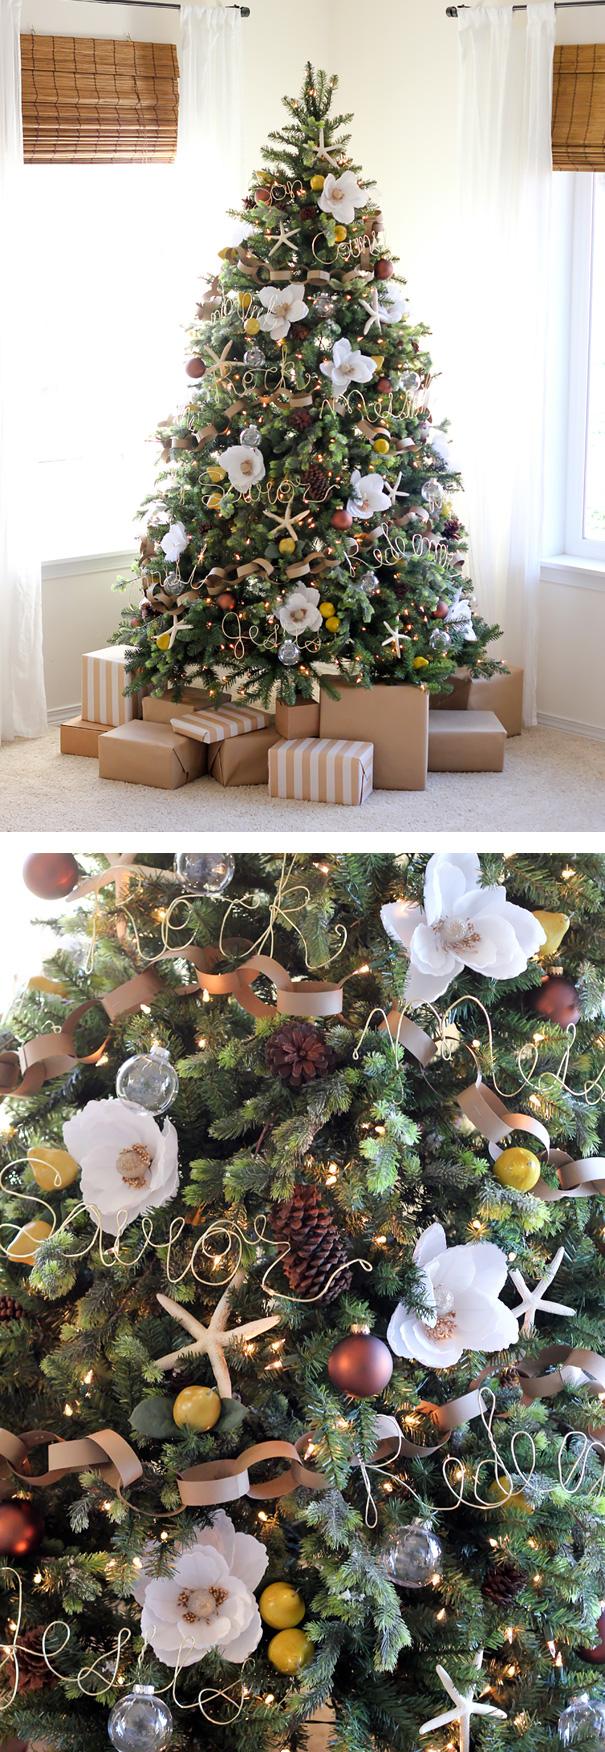 ideas-decoracion-arbol-navidad-flores (9)